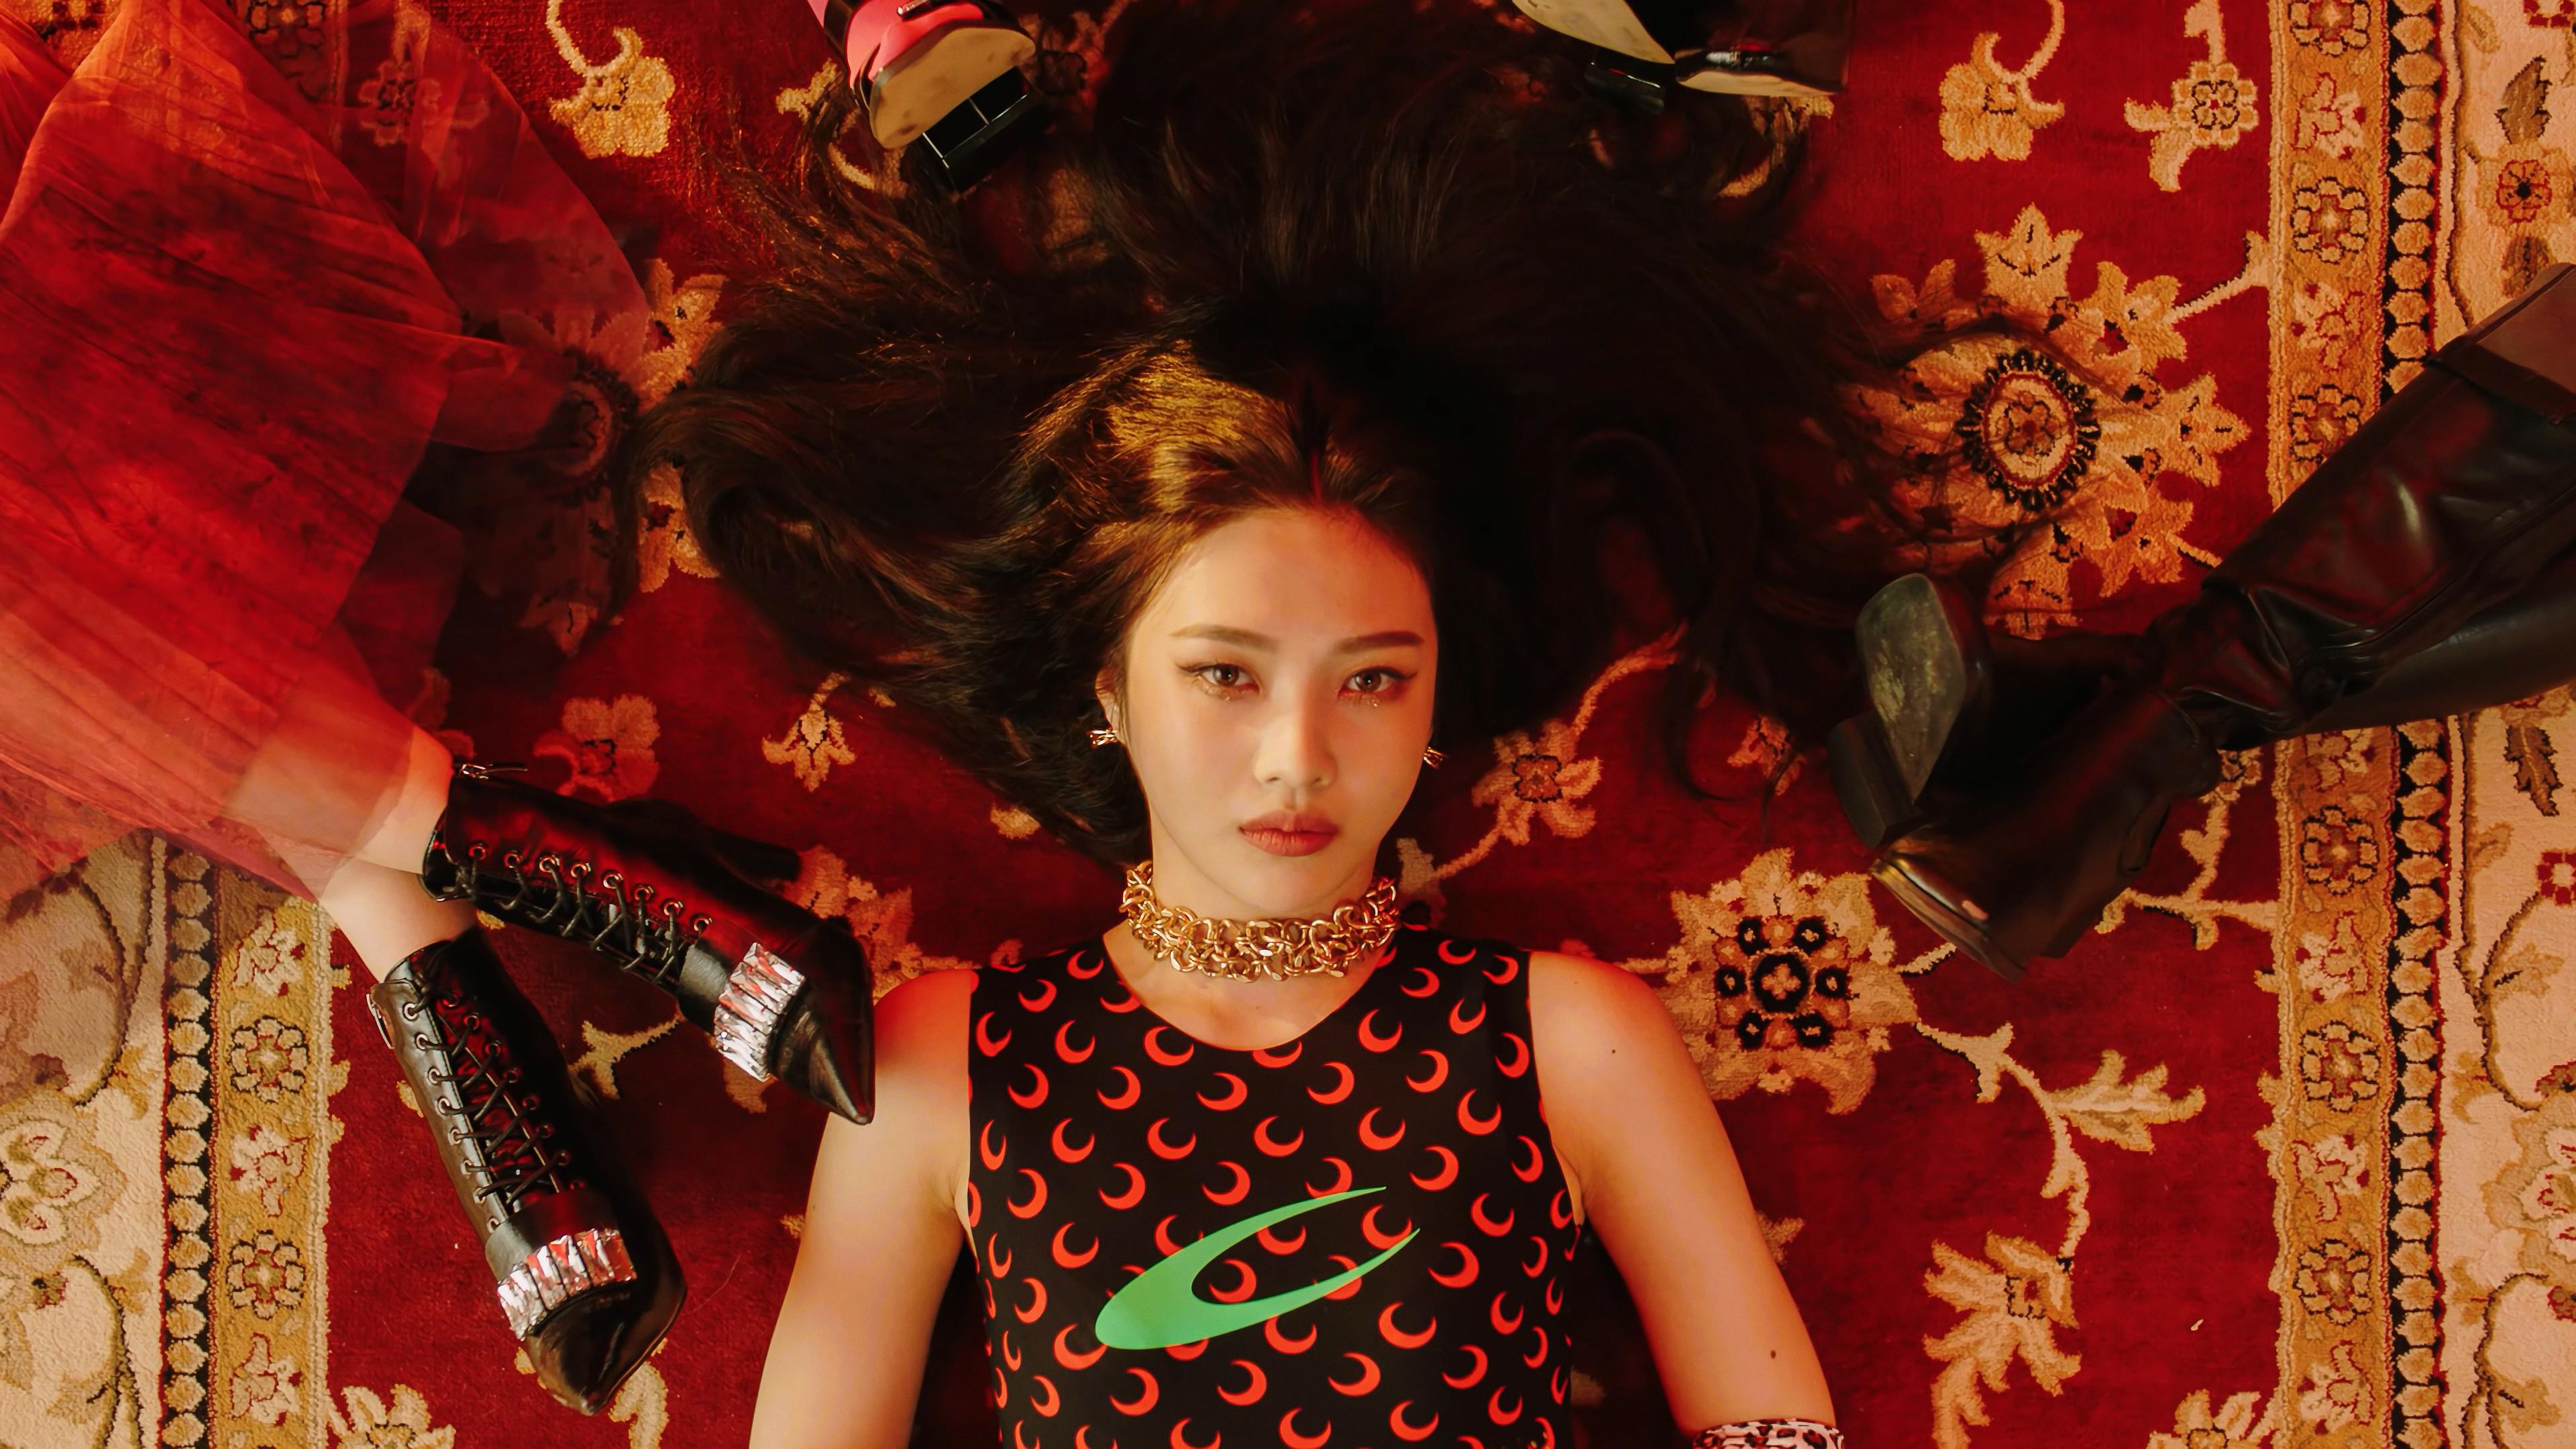 Aesthetic Red Velvet Desktop Wallpaper Hd